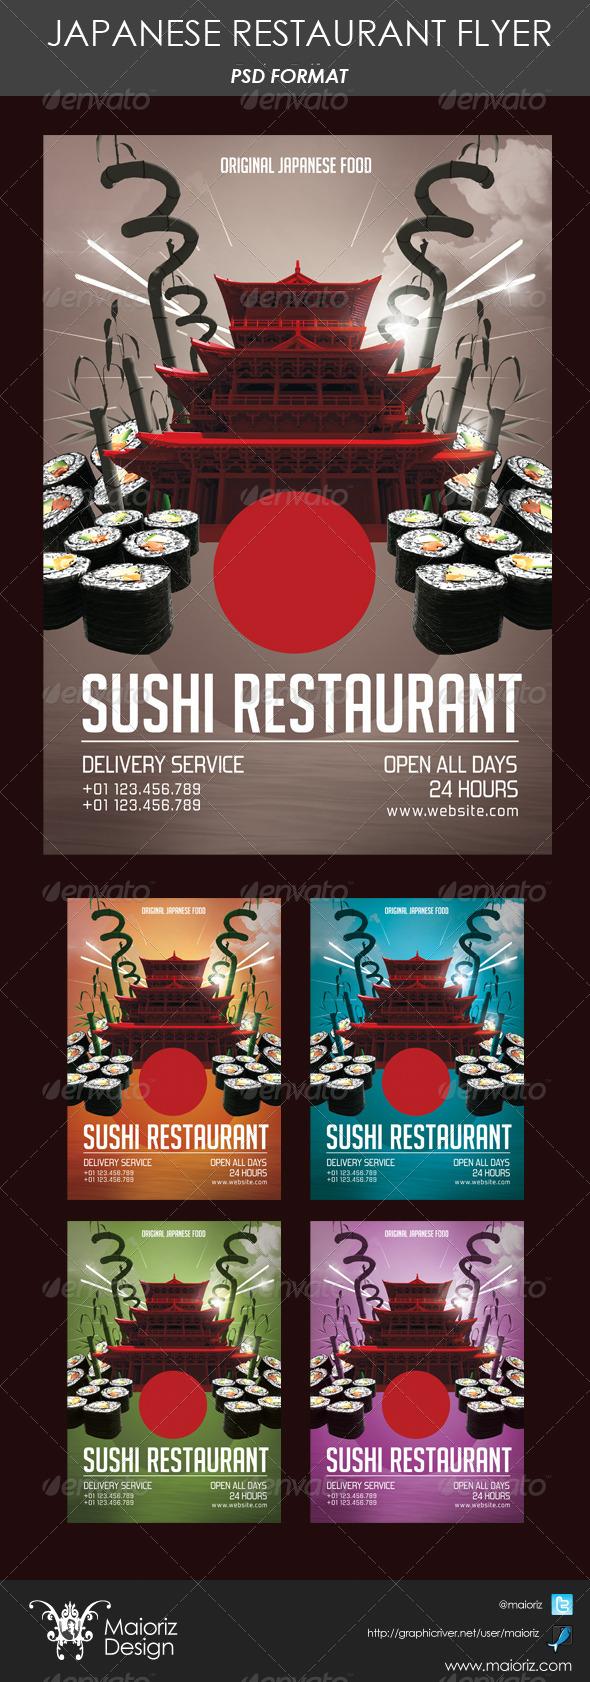 Japanese Restaurant Flyer - Restaurant Flyers